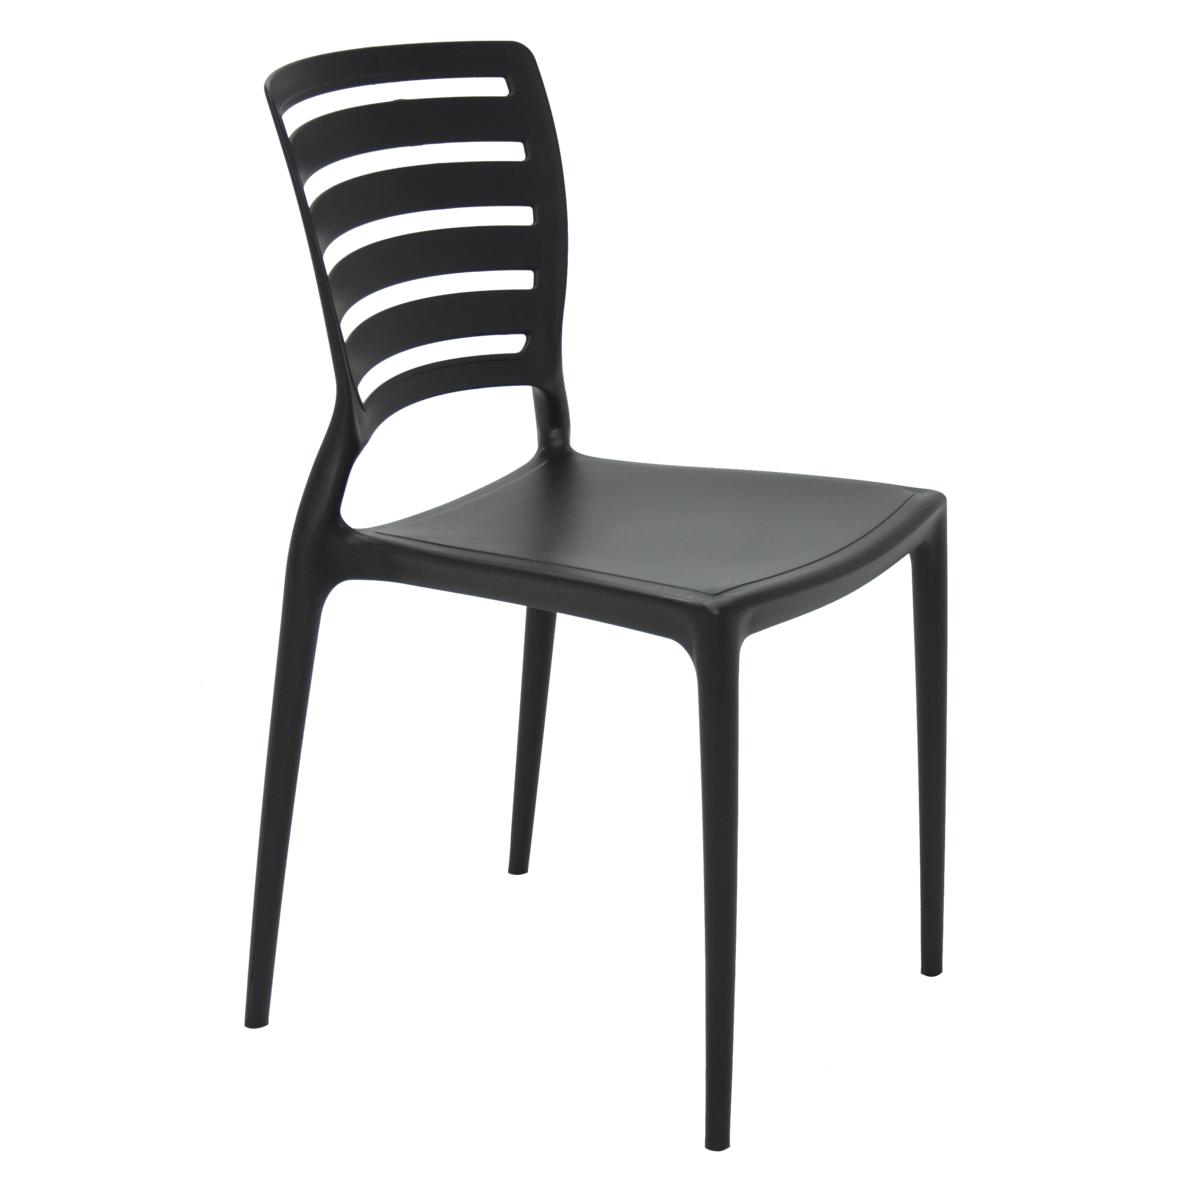 Cadeira Tramontina Sofia Preto 92237/009 Conjunto 4 peças  - Casa Mattos